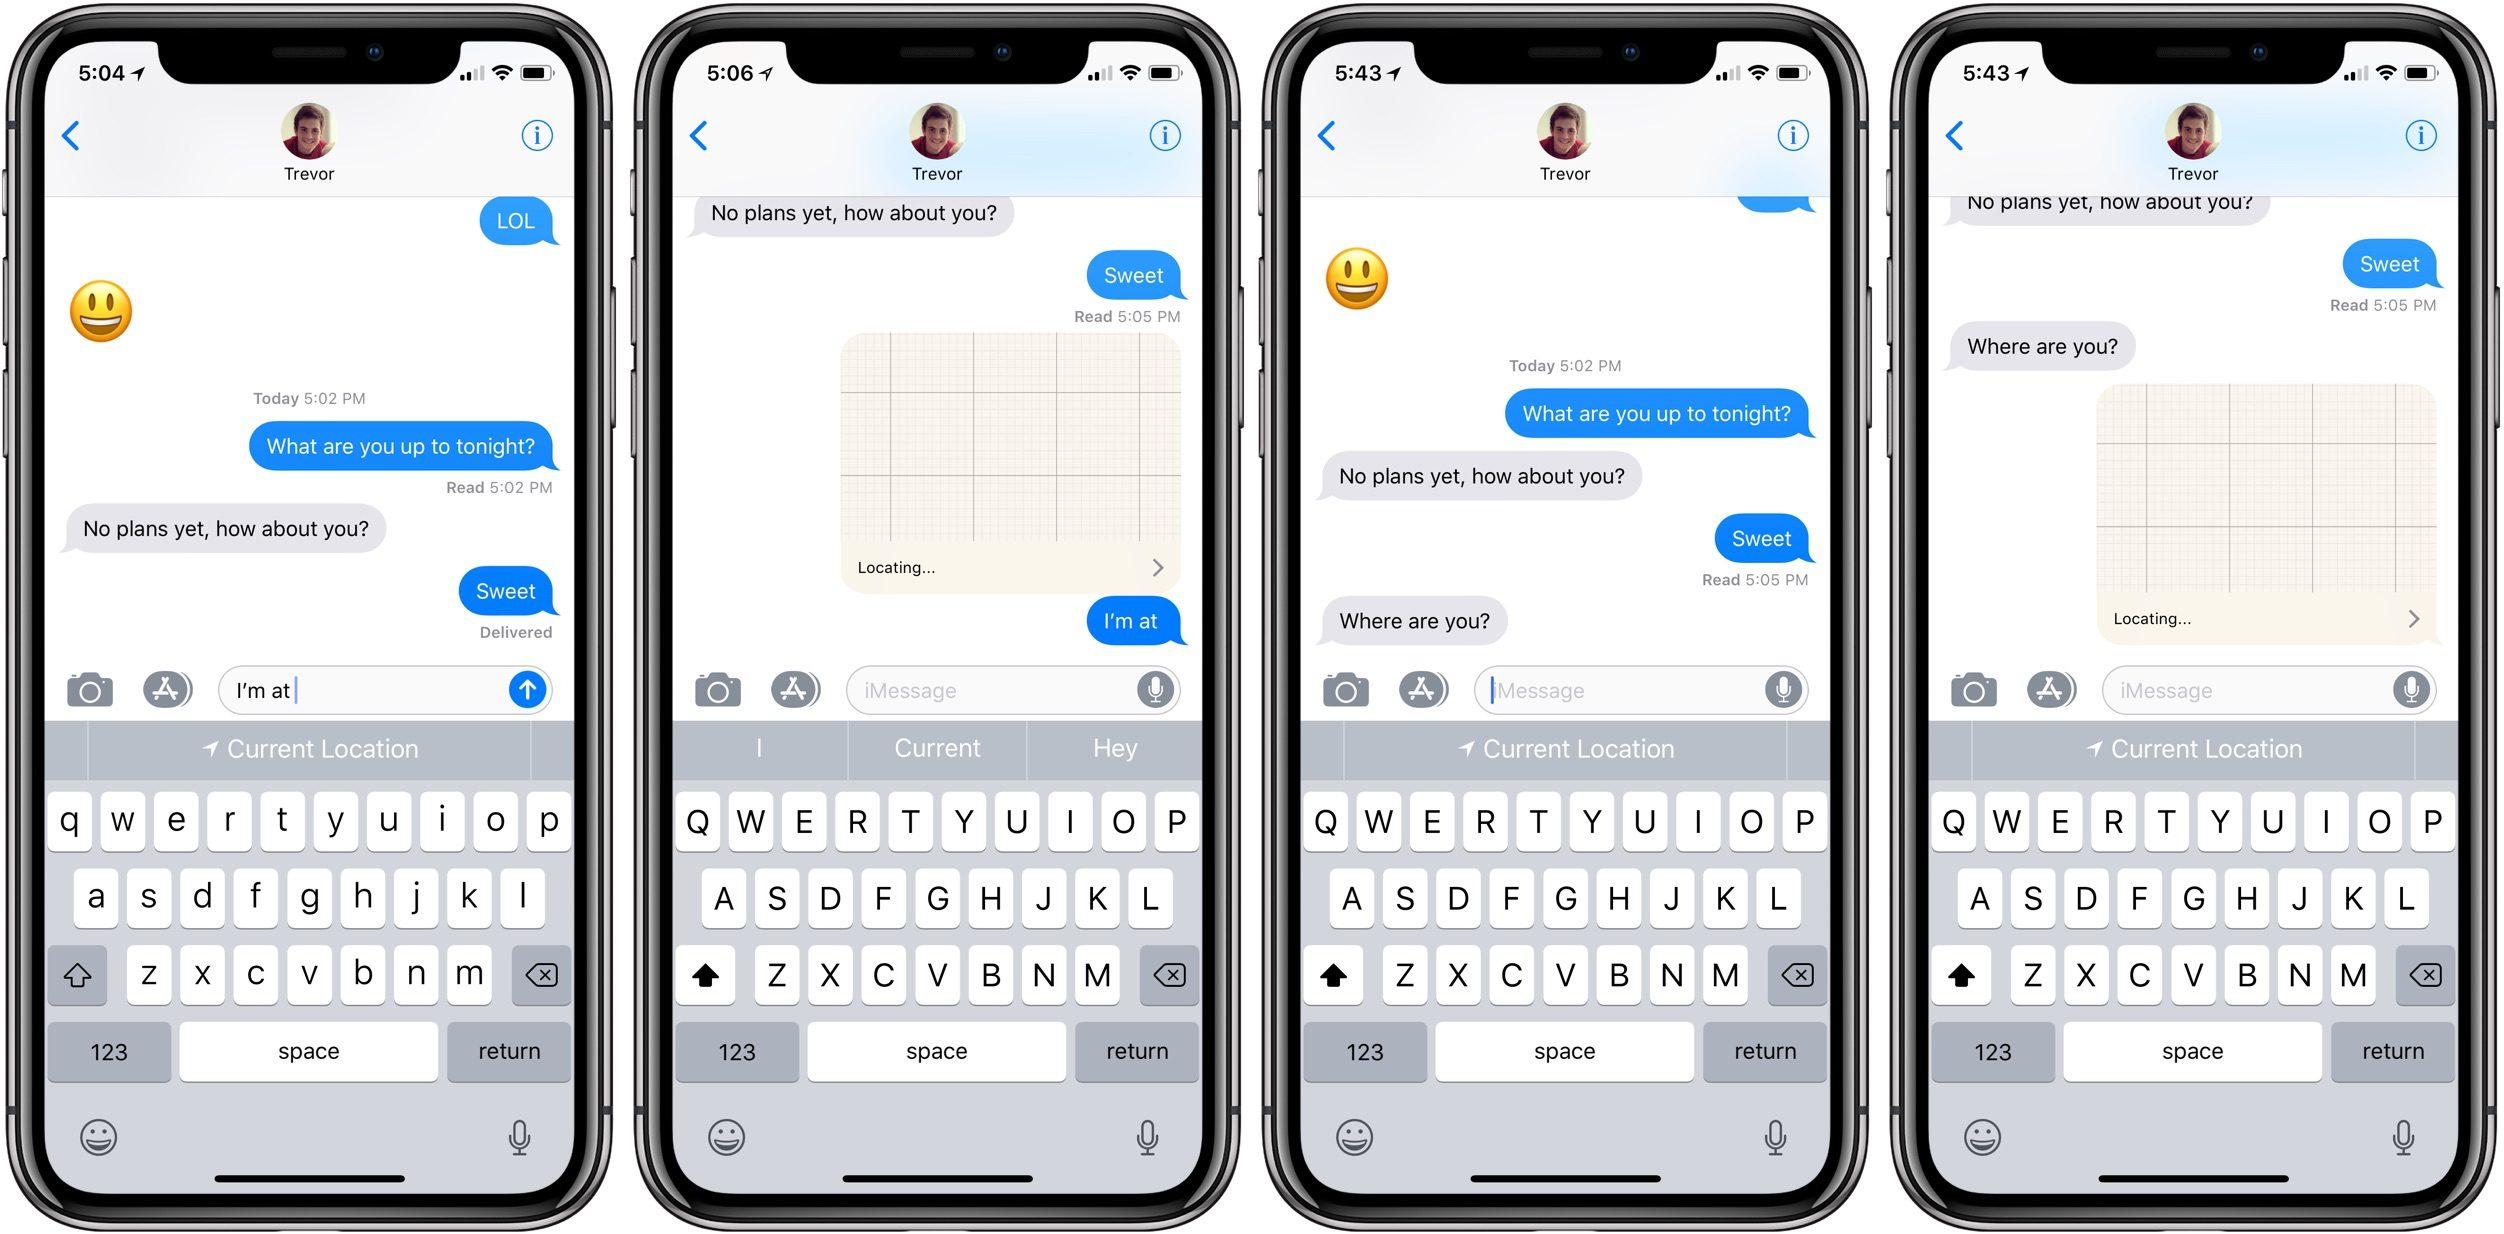 """<span href=""""https://9to5mac.com/2018/03/09/how-to-quickly-share-current-location-iphone/"""">Cómo compartir rápidamente su ubicación actual en iPhone</a>"""